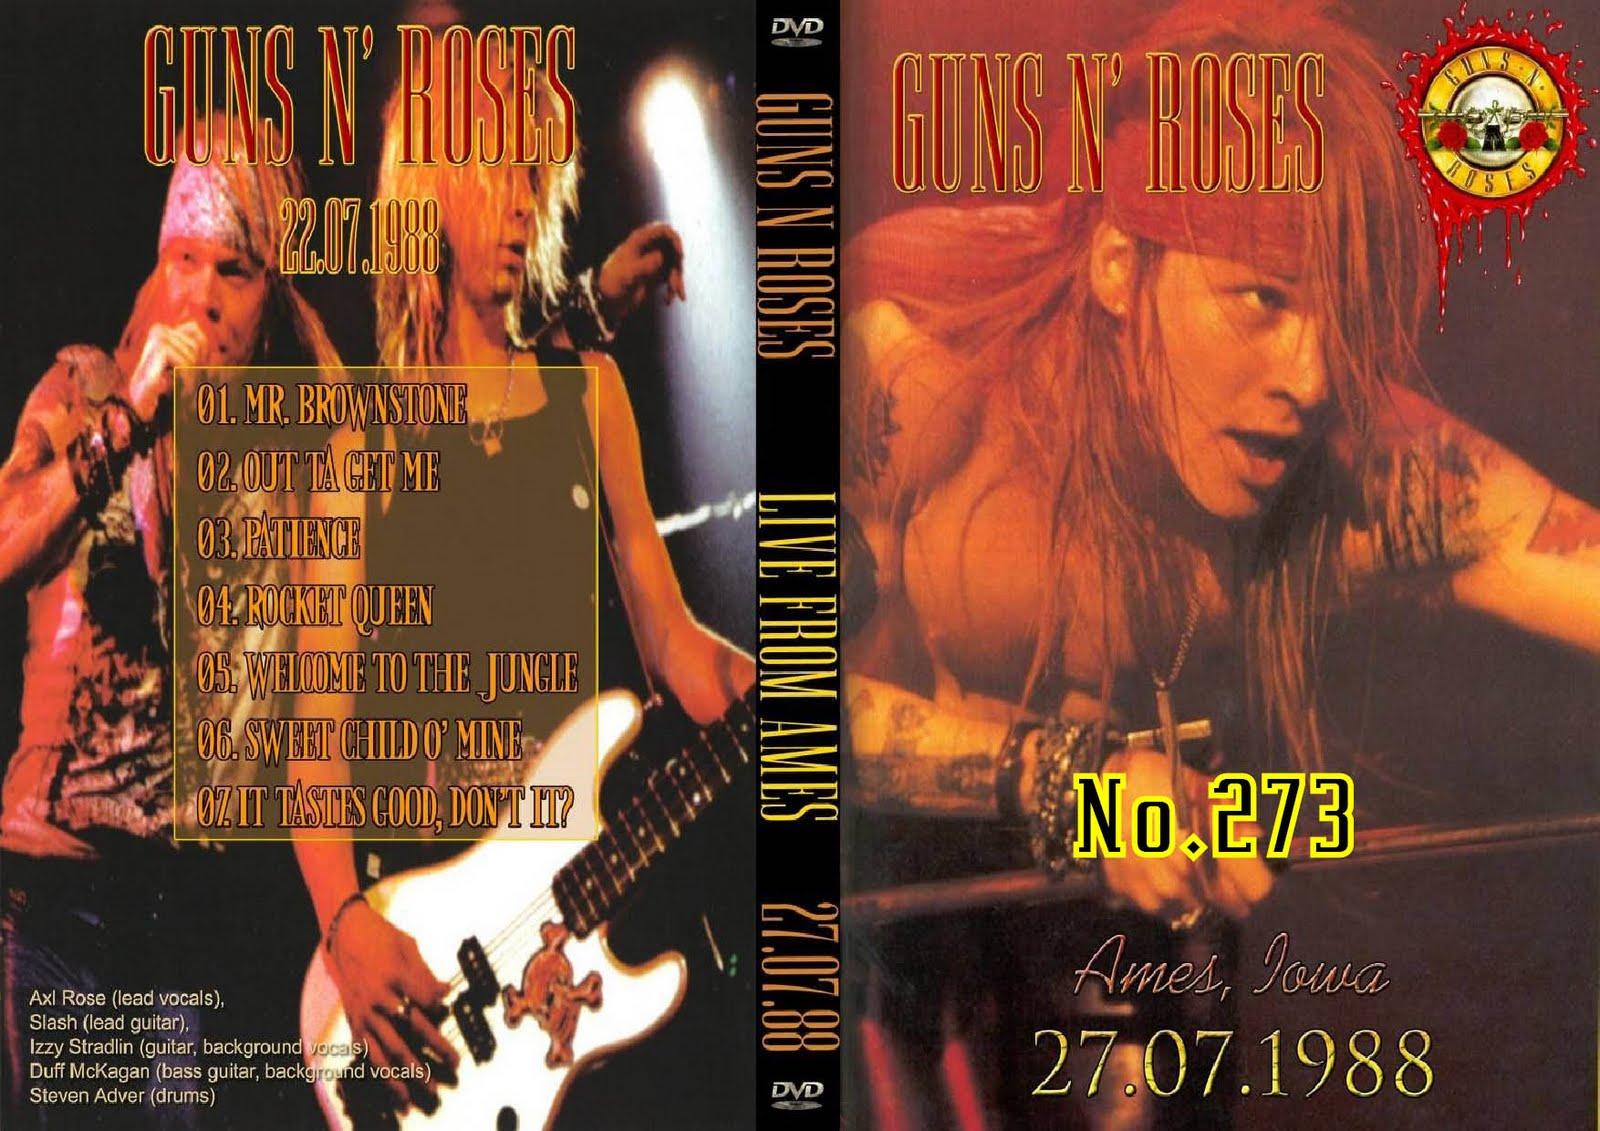 http://3.bp.blogspot.com/_j92JYU6EuQY/S9tZiHrhHPI/AAAAAAAAA2M/v0lgLWh9kWA/s1600/dvd+concert_dvd+bootleg_dvd+concert+bootleg_bootlegtH+-+Guns+N%27+Roses+-+1988-07-27+-+AMES+IOWA.jpg